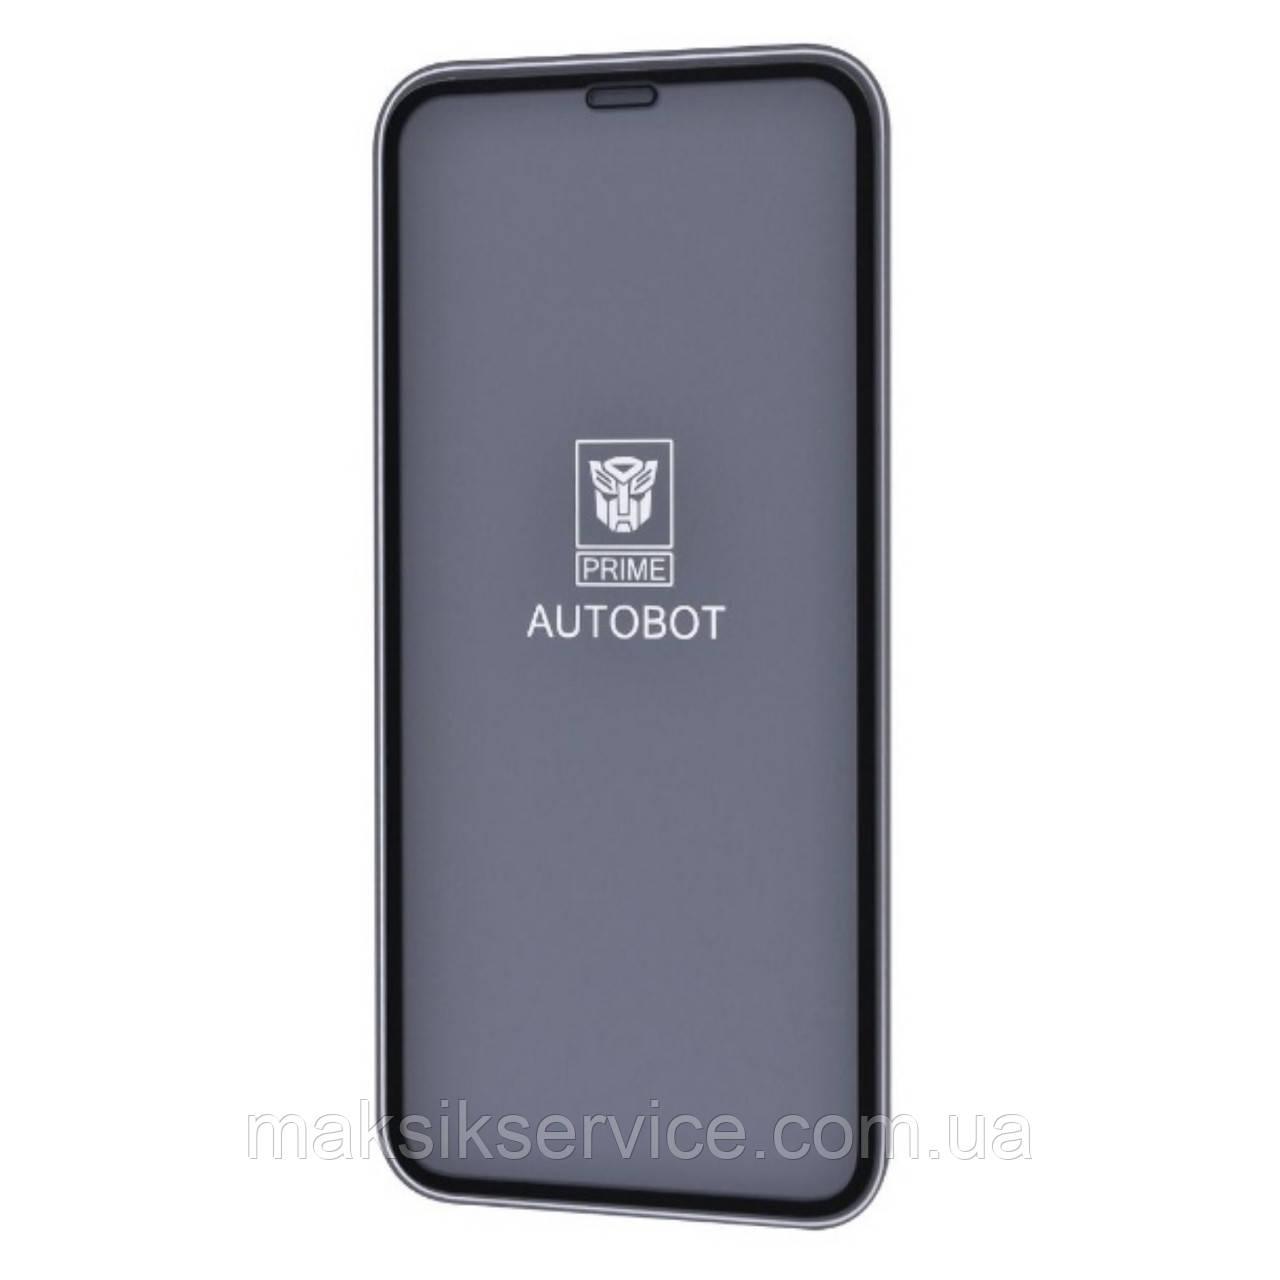 Защитное стекло Full Screen Prime Autobot Iphone Xr black